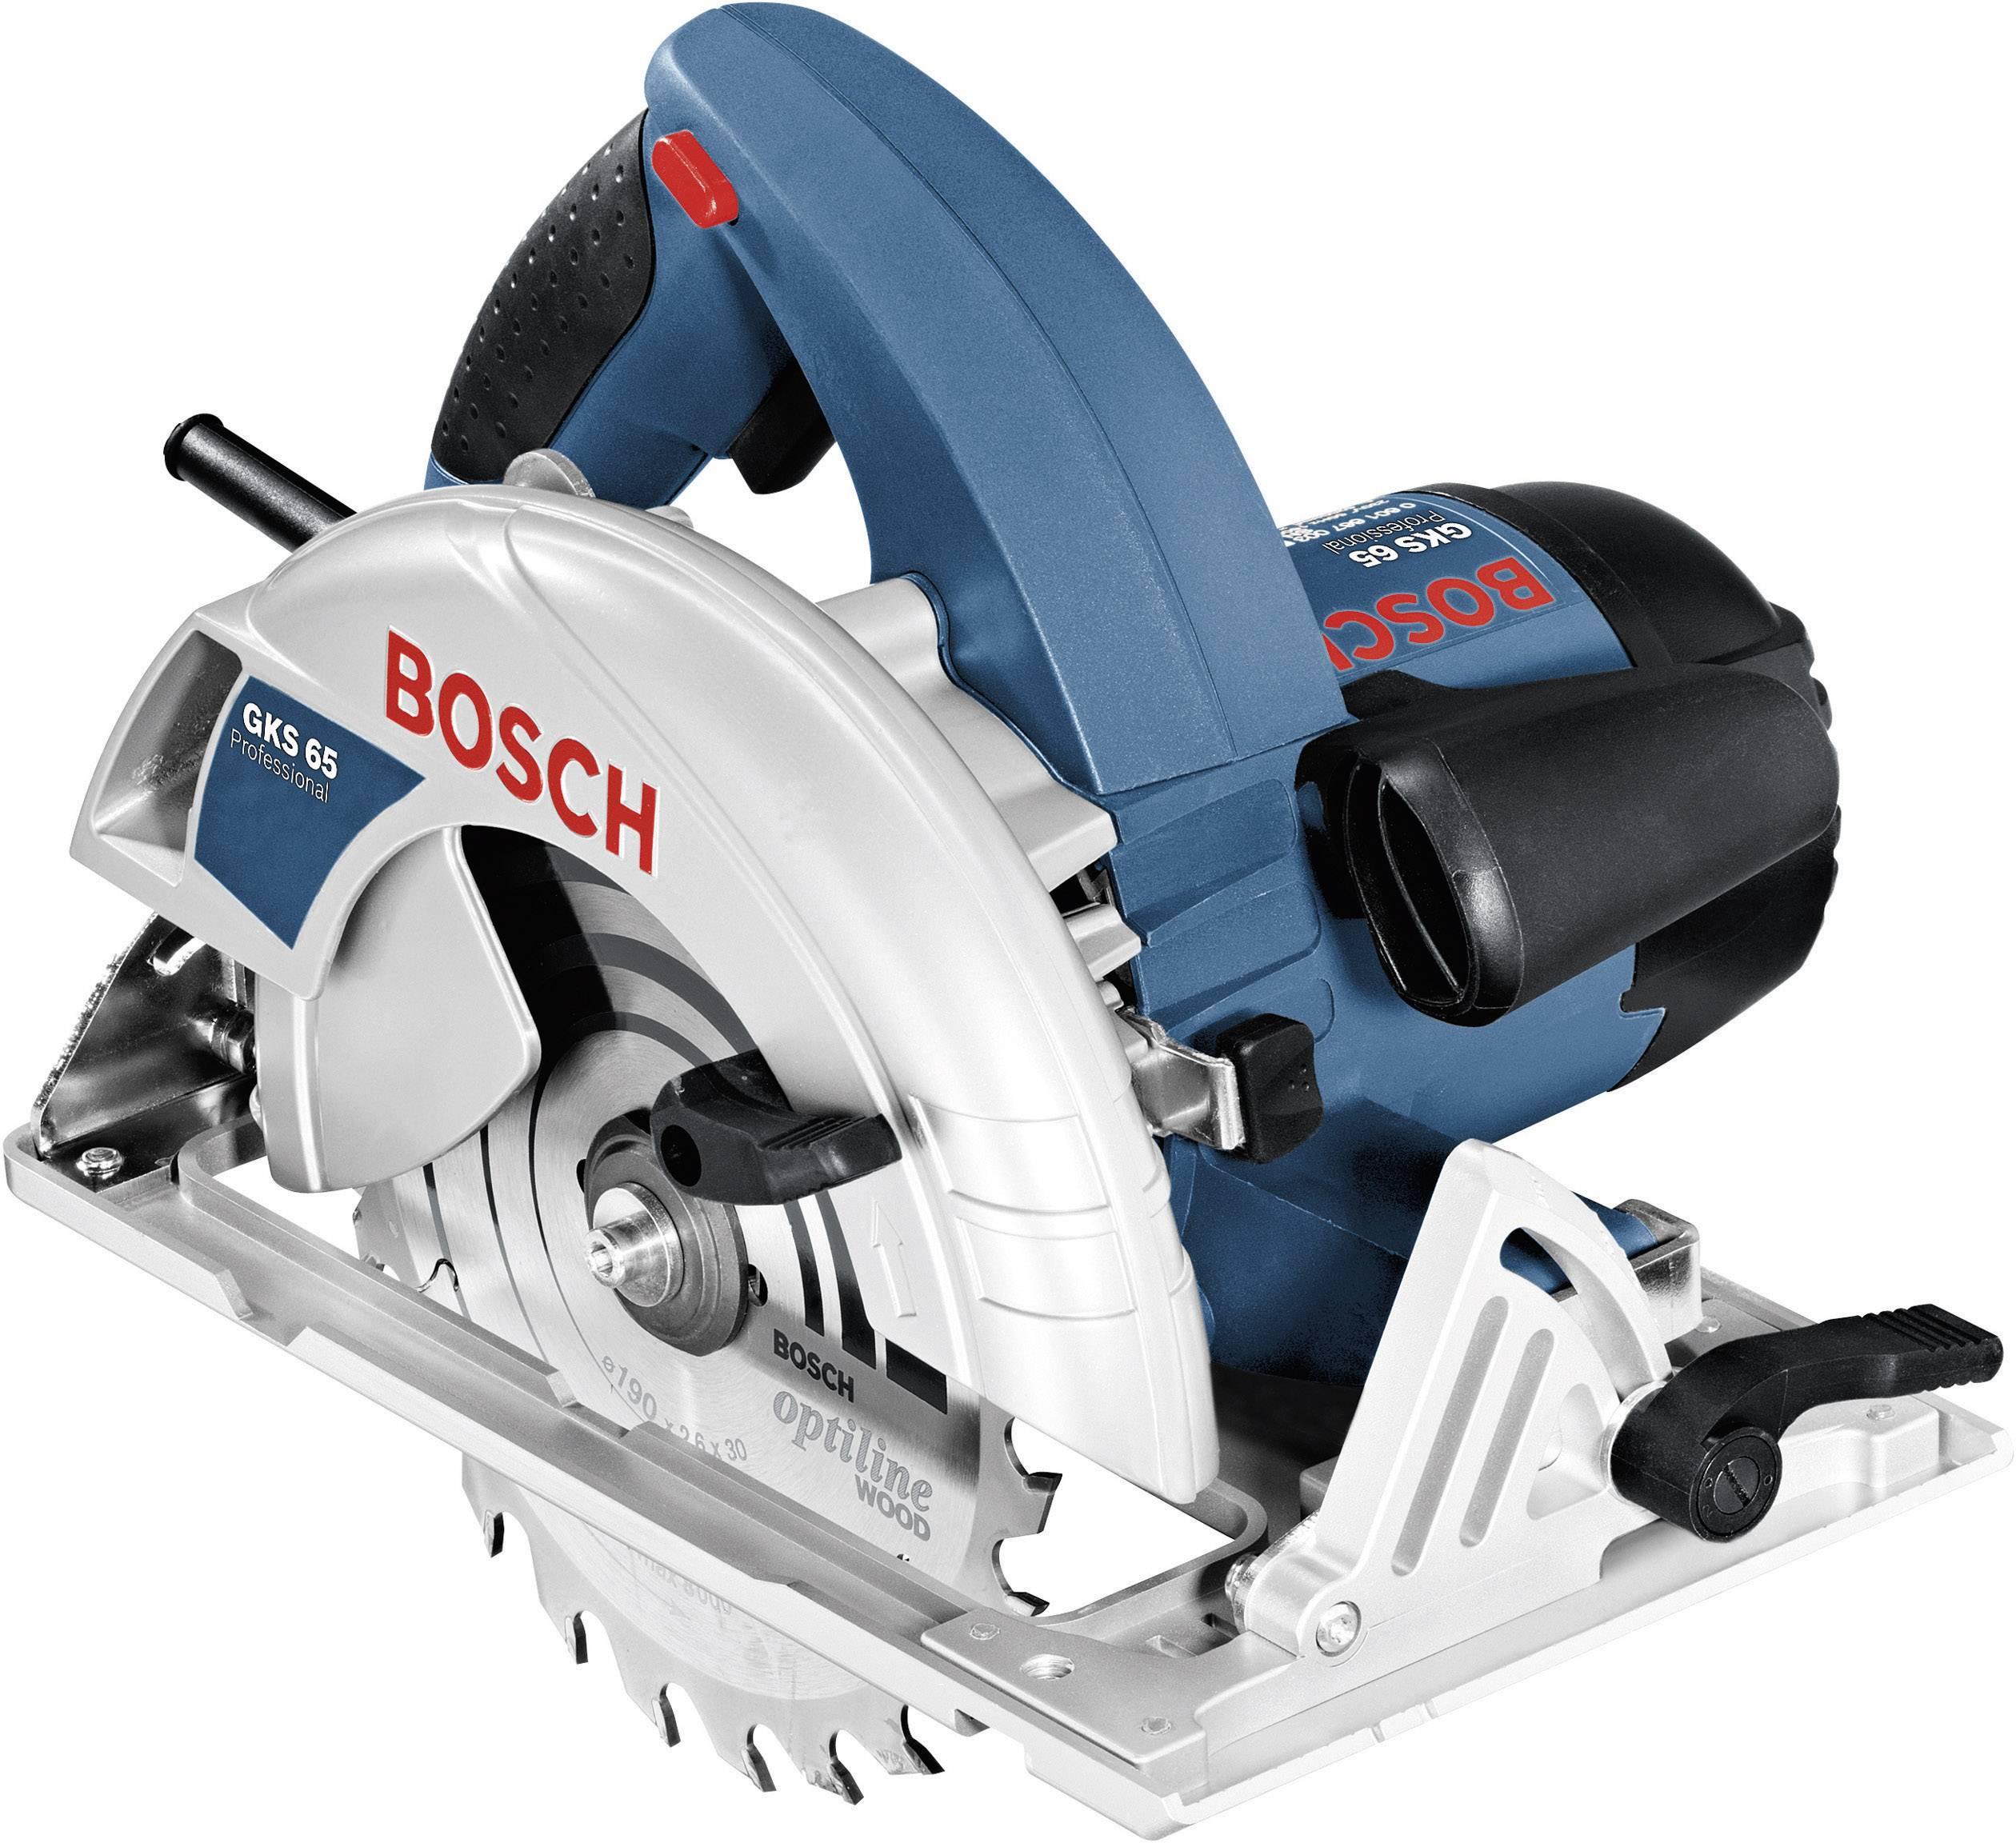 Ručná kotúčová píla Bosch Professional GKS 65